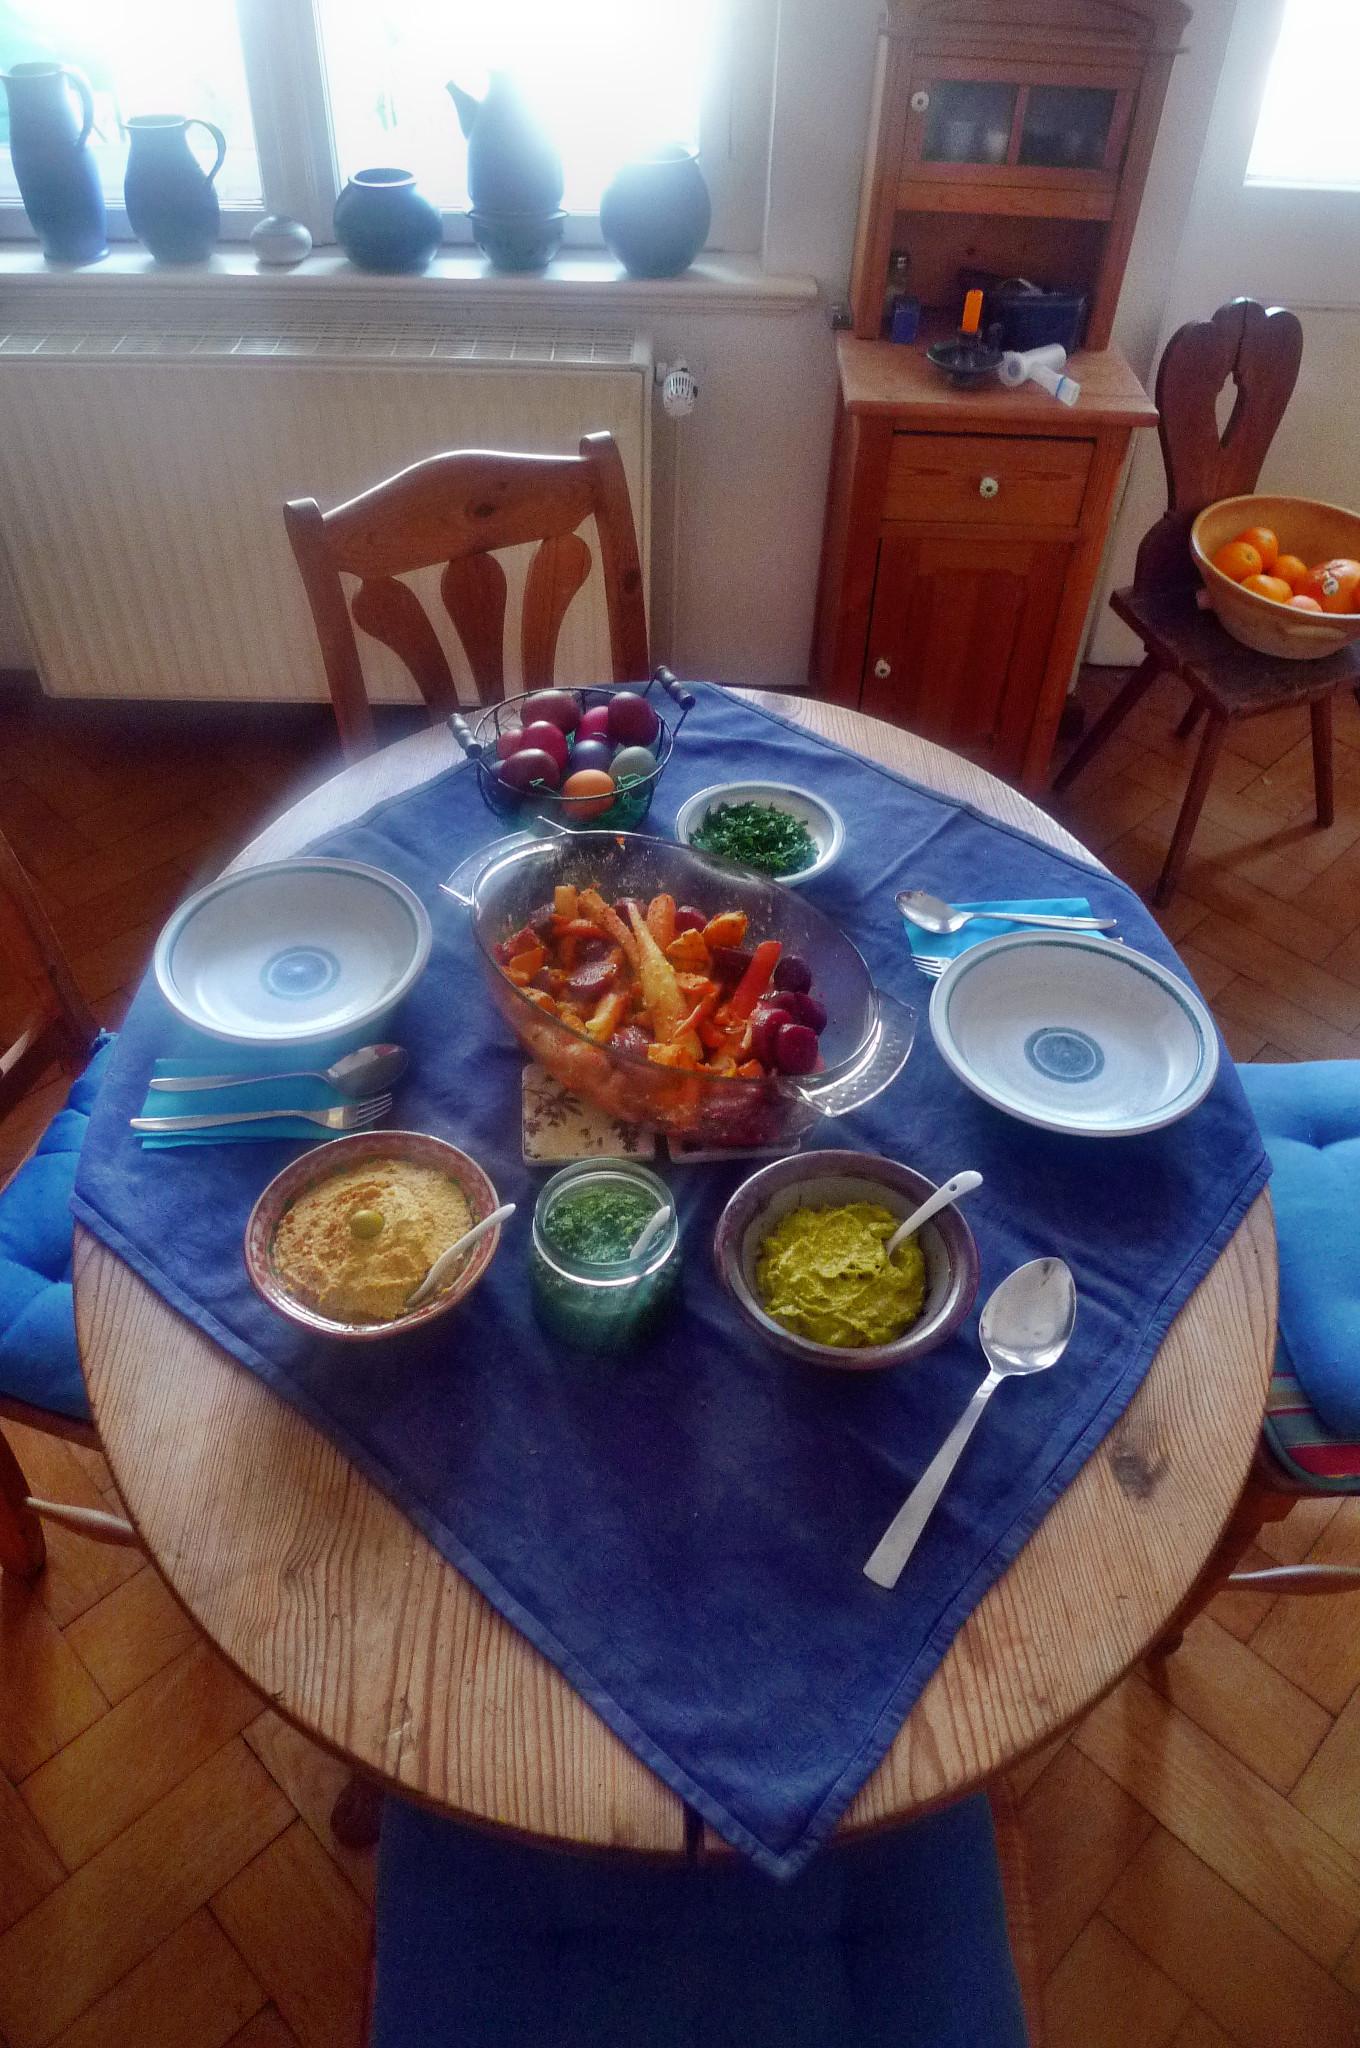 Ofengebackenes Würzelgemüse,Hummus,Guacamole -5.4.15   (10)